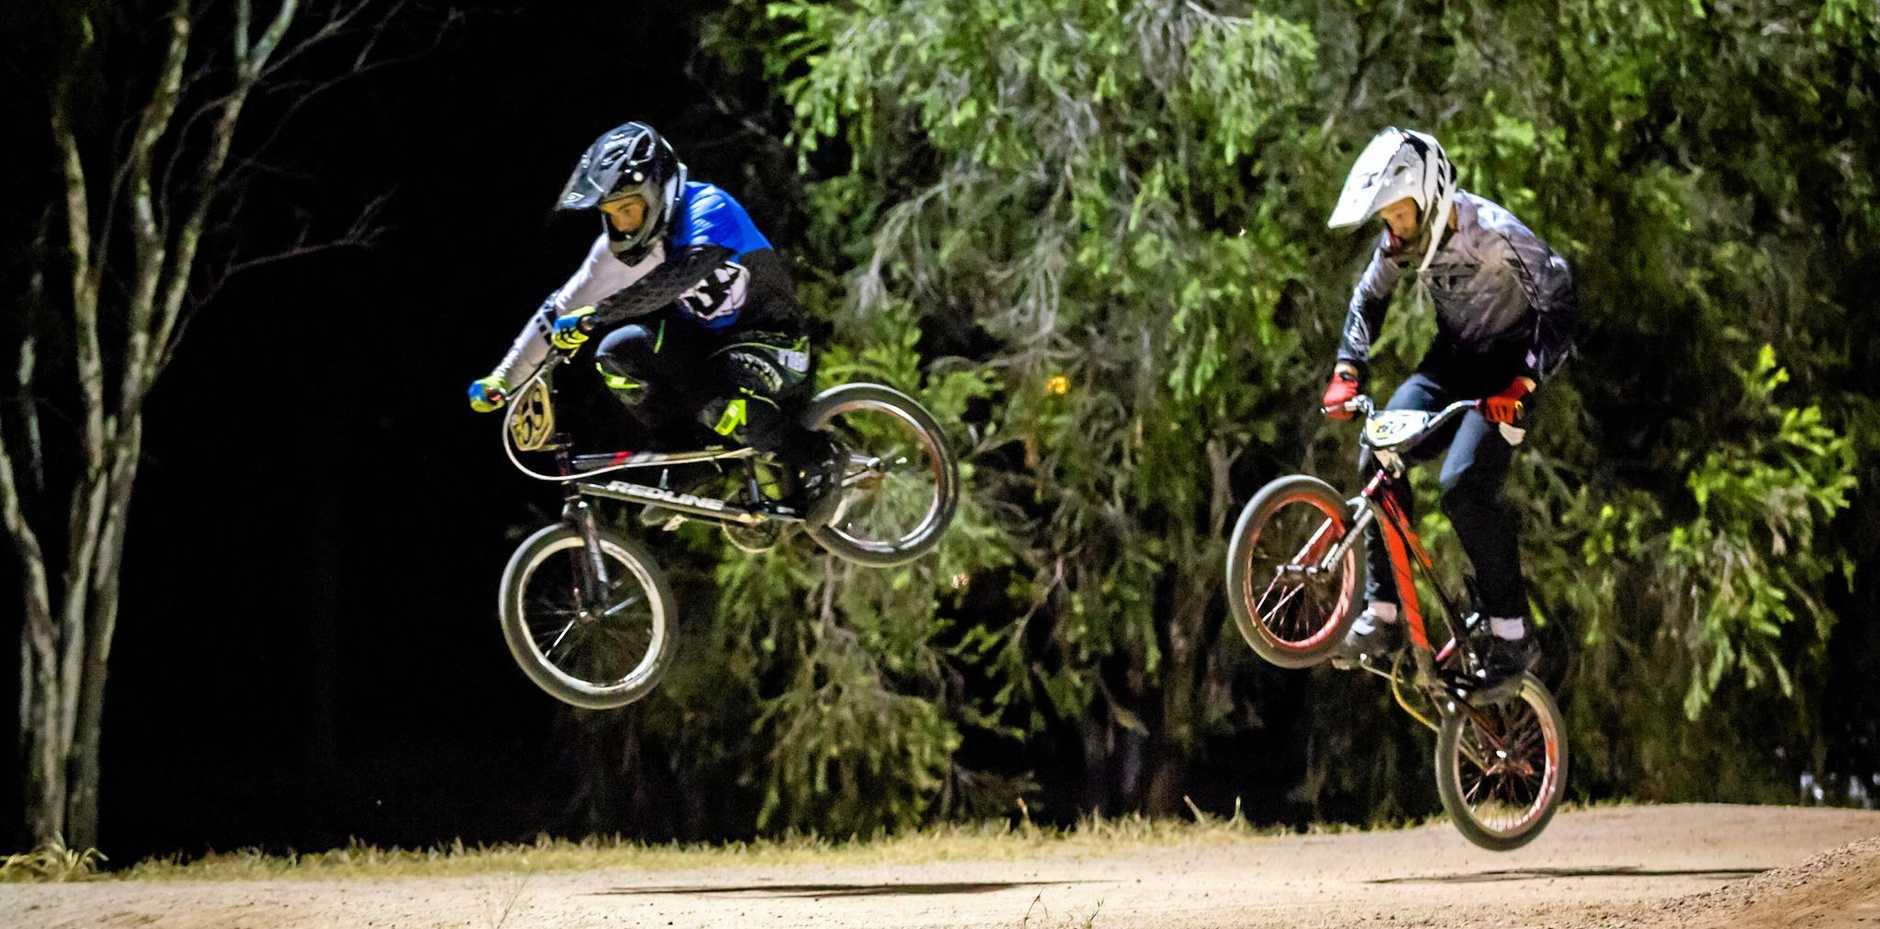 BMX Alexzander Knowles (left) and Aden Finch (right) 14/15y boys